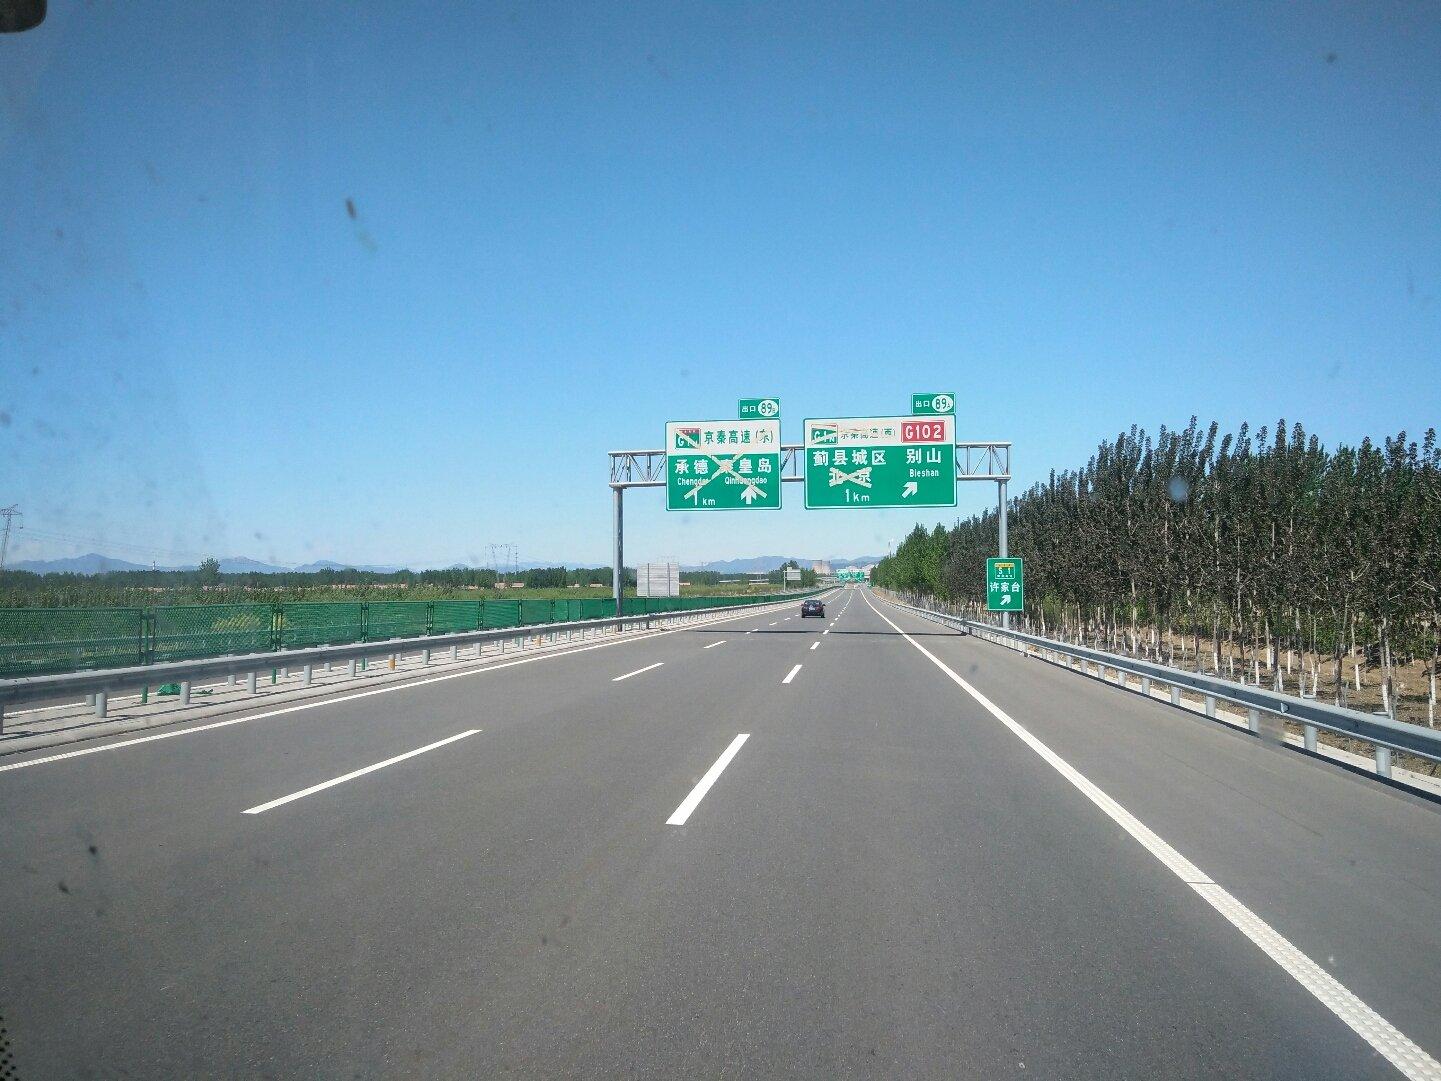 天津市蓟州区s21塘承高速靠近仓桑互通立交天气预报图片